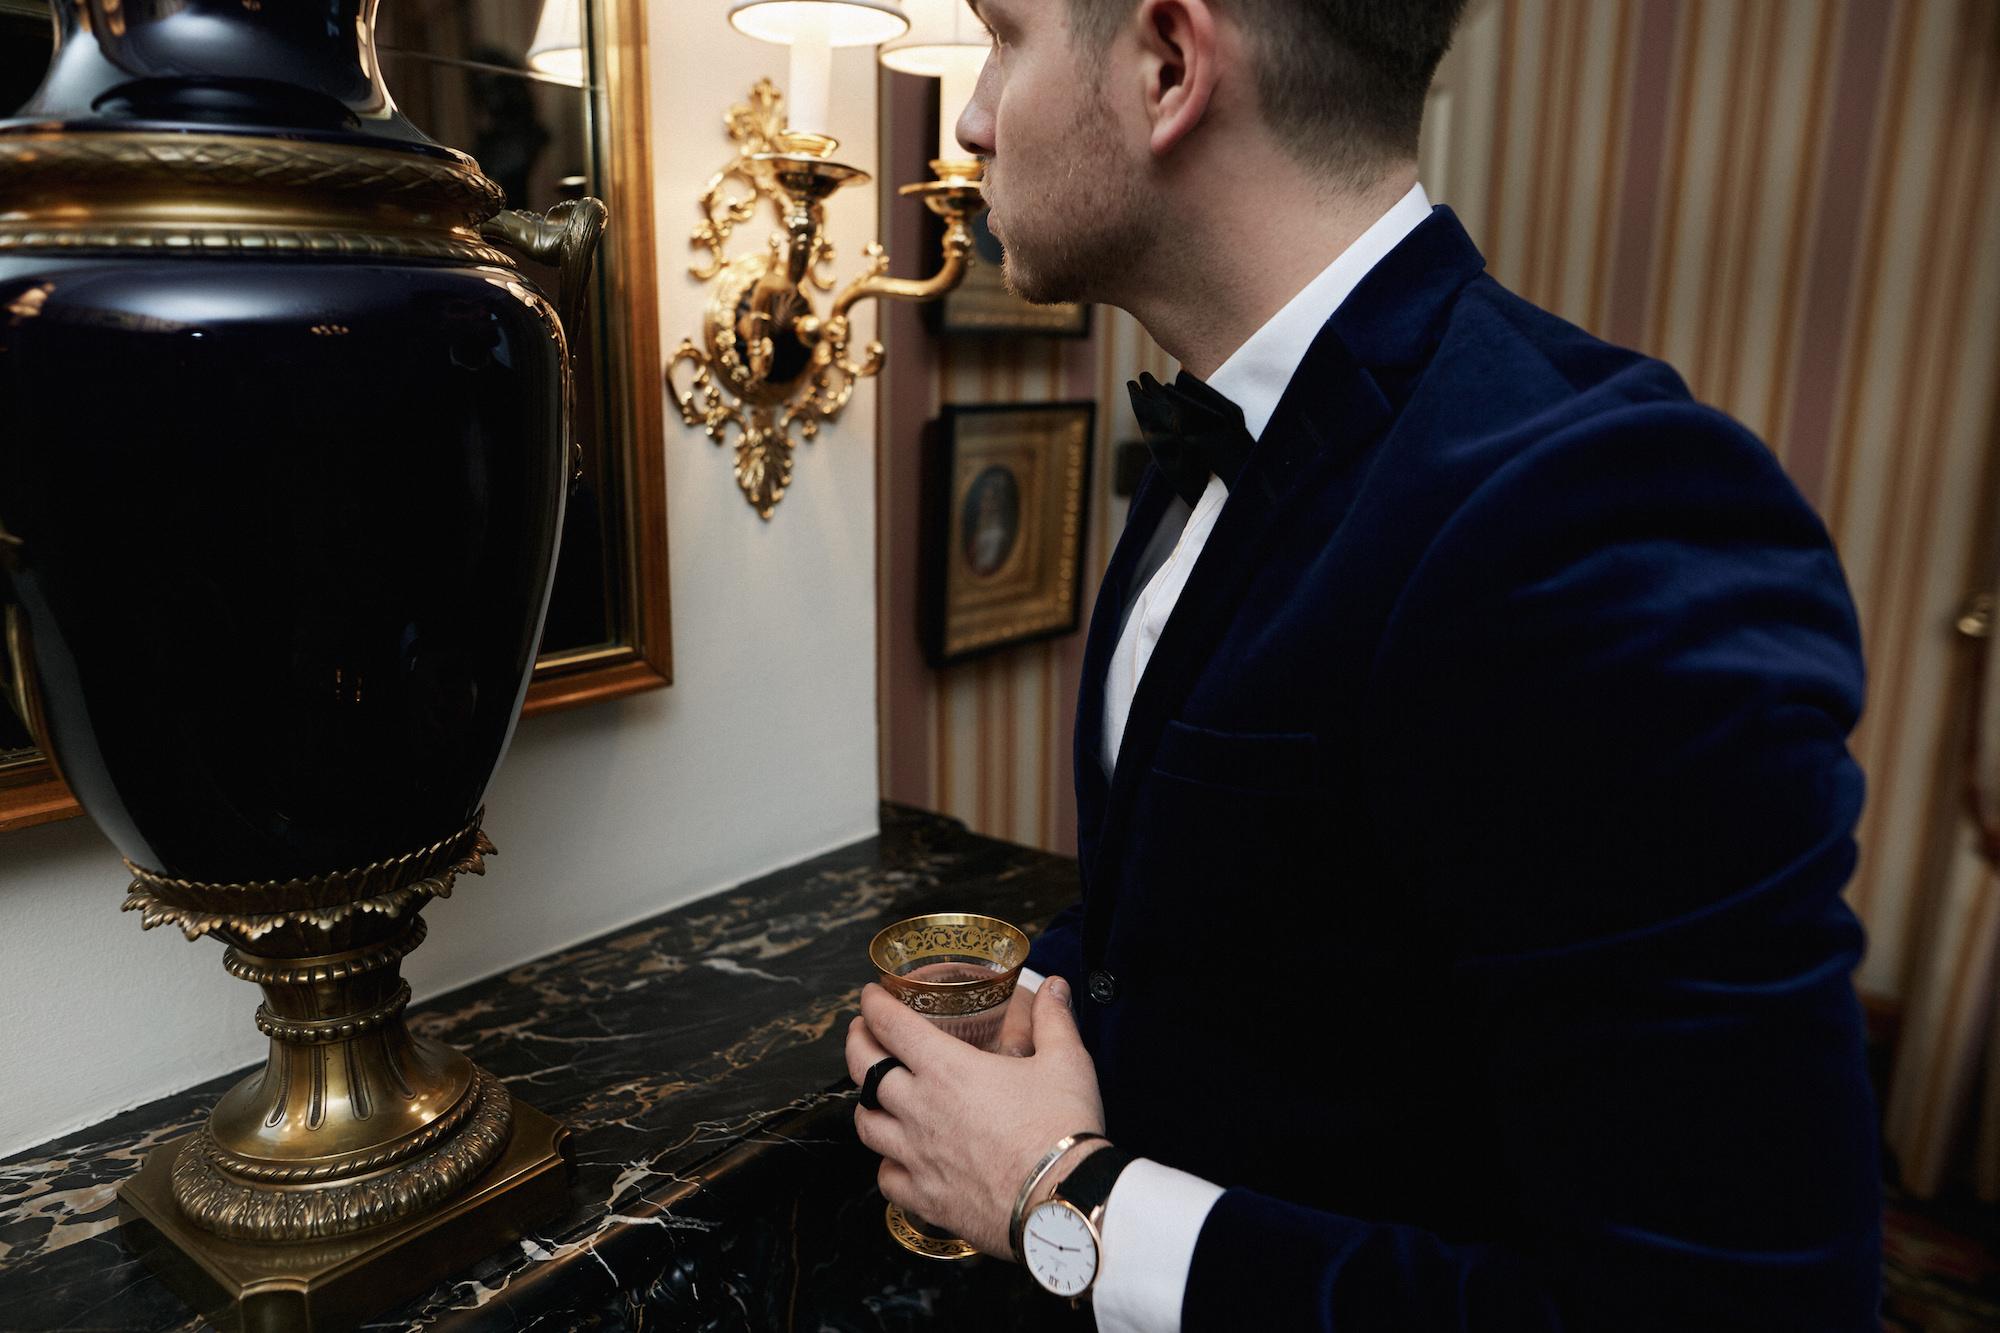 Elegantes Silvesteroutfit für Männer_Tiger of Sweden Samt Blazer_Meanwhile in Awesometown_Modeblogger_Mens Fashion und Lifestyleblogger_Wiener Blogger_Maleblogger14